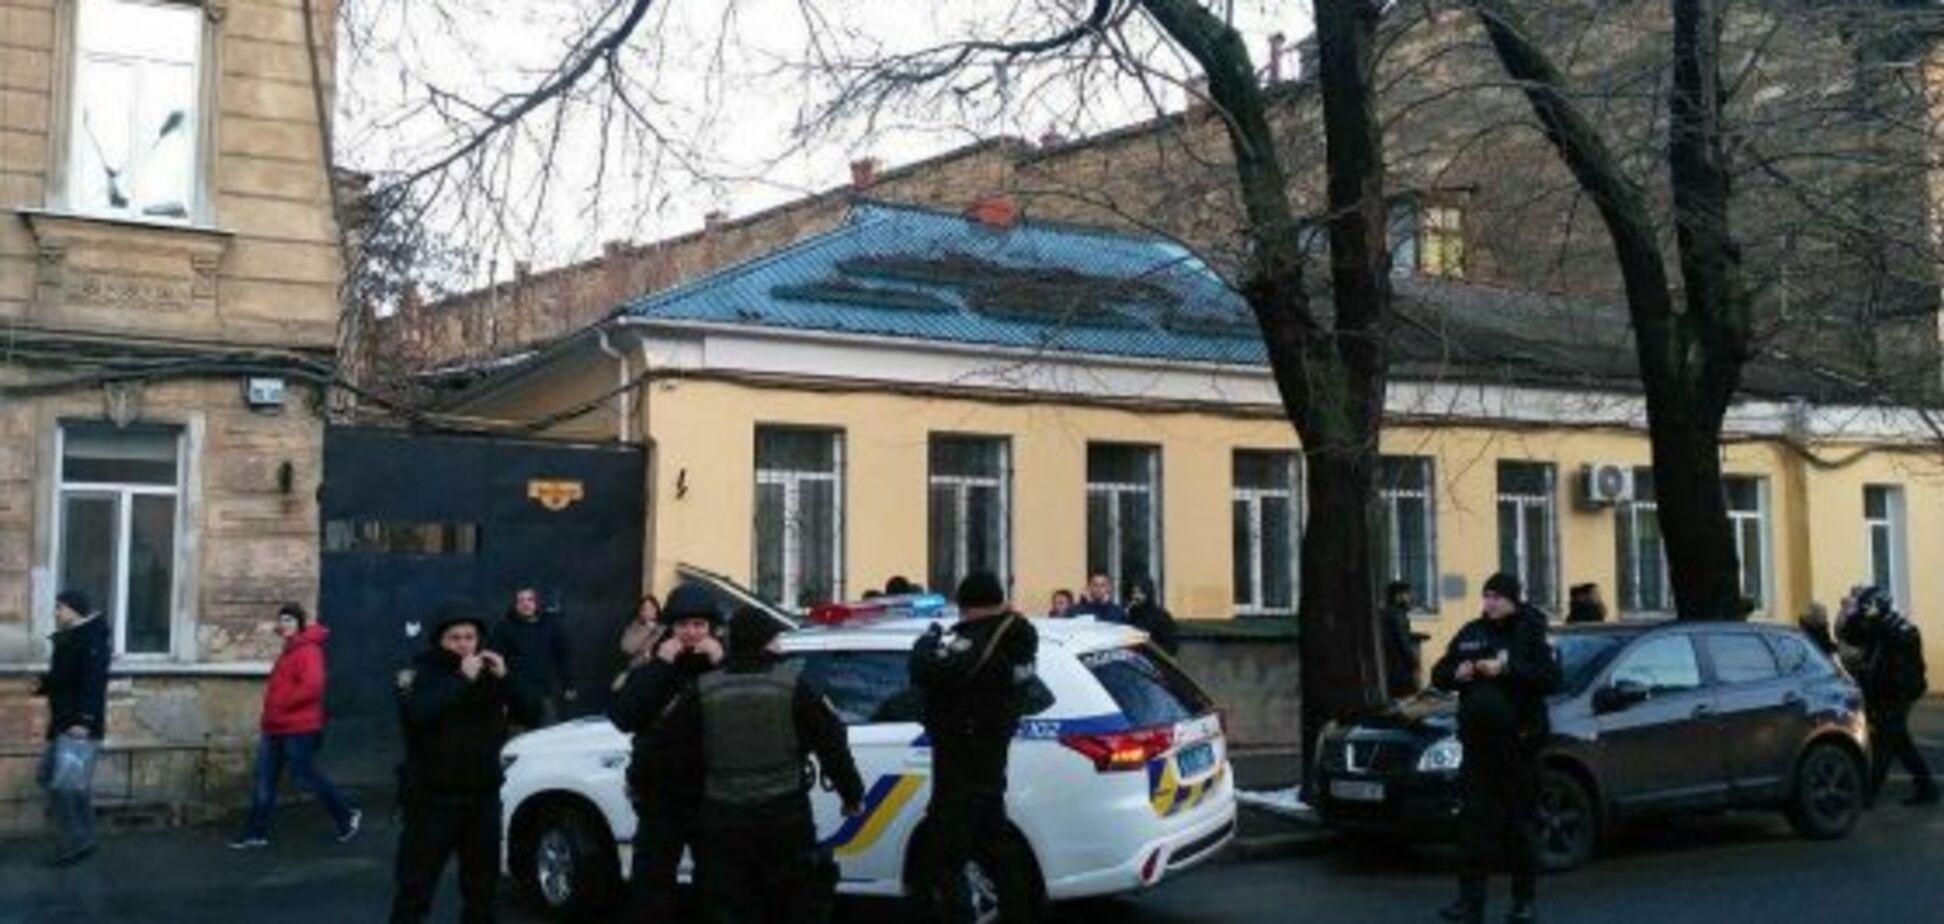 В центре Одессы произошла смертельная перестрелка: есть жертвы, пострадали полицейские. Опубликованы фото